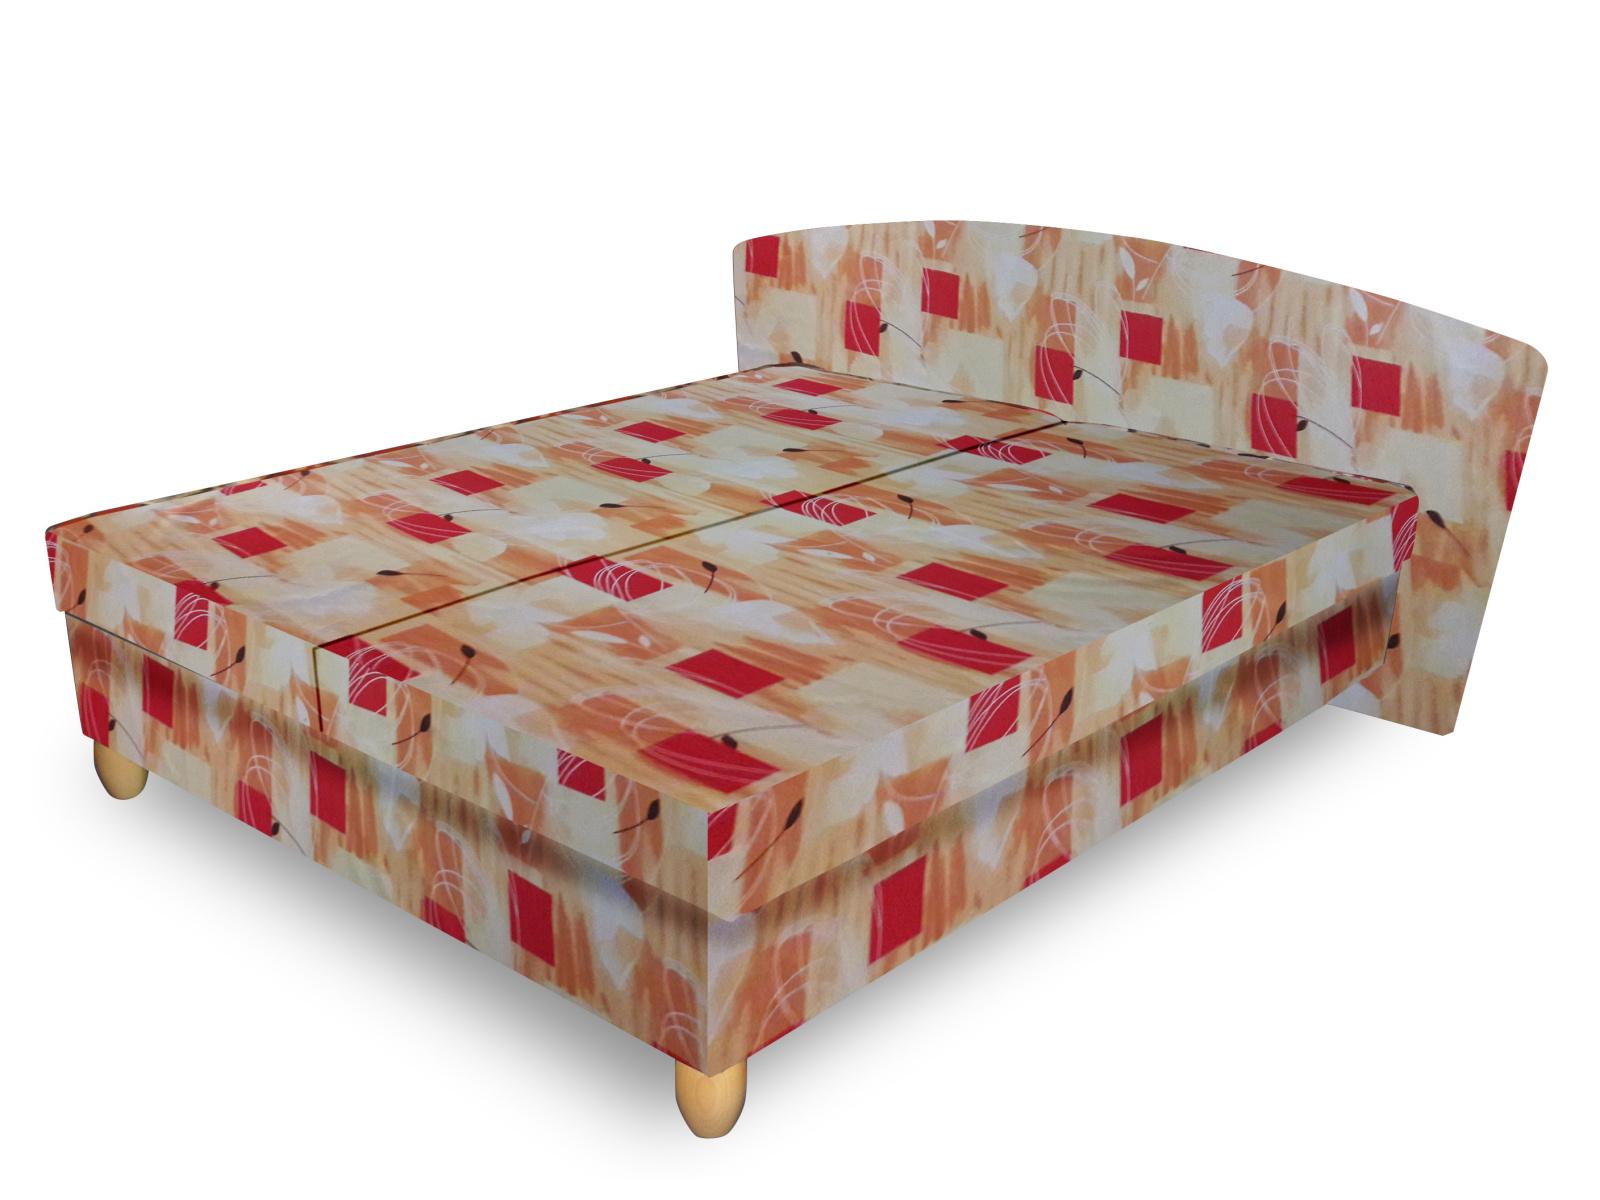 Smartshop Čalouněná postel NICOL 160x195 cm, oranžová látka